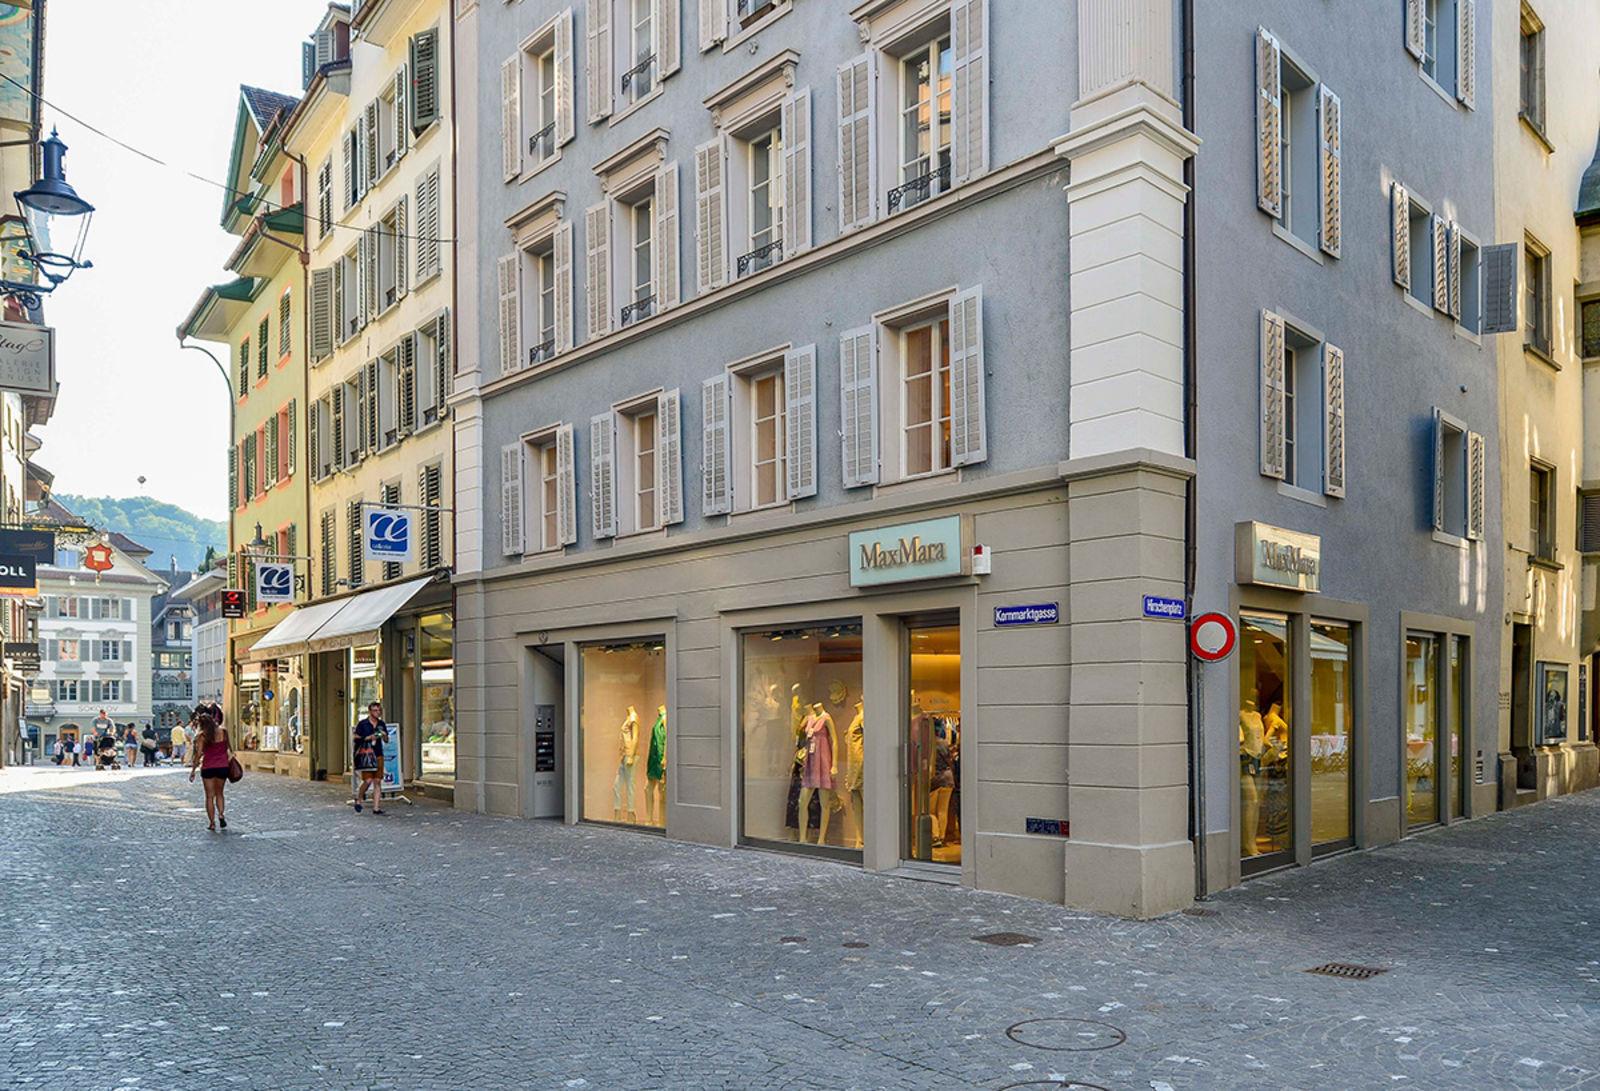 Max Mara à Lucerne (Bild 3)